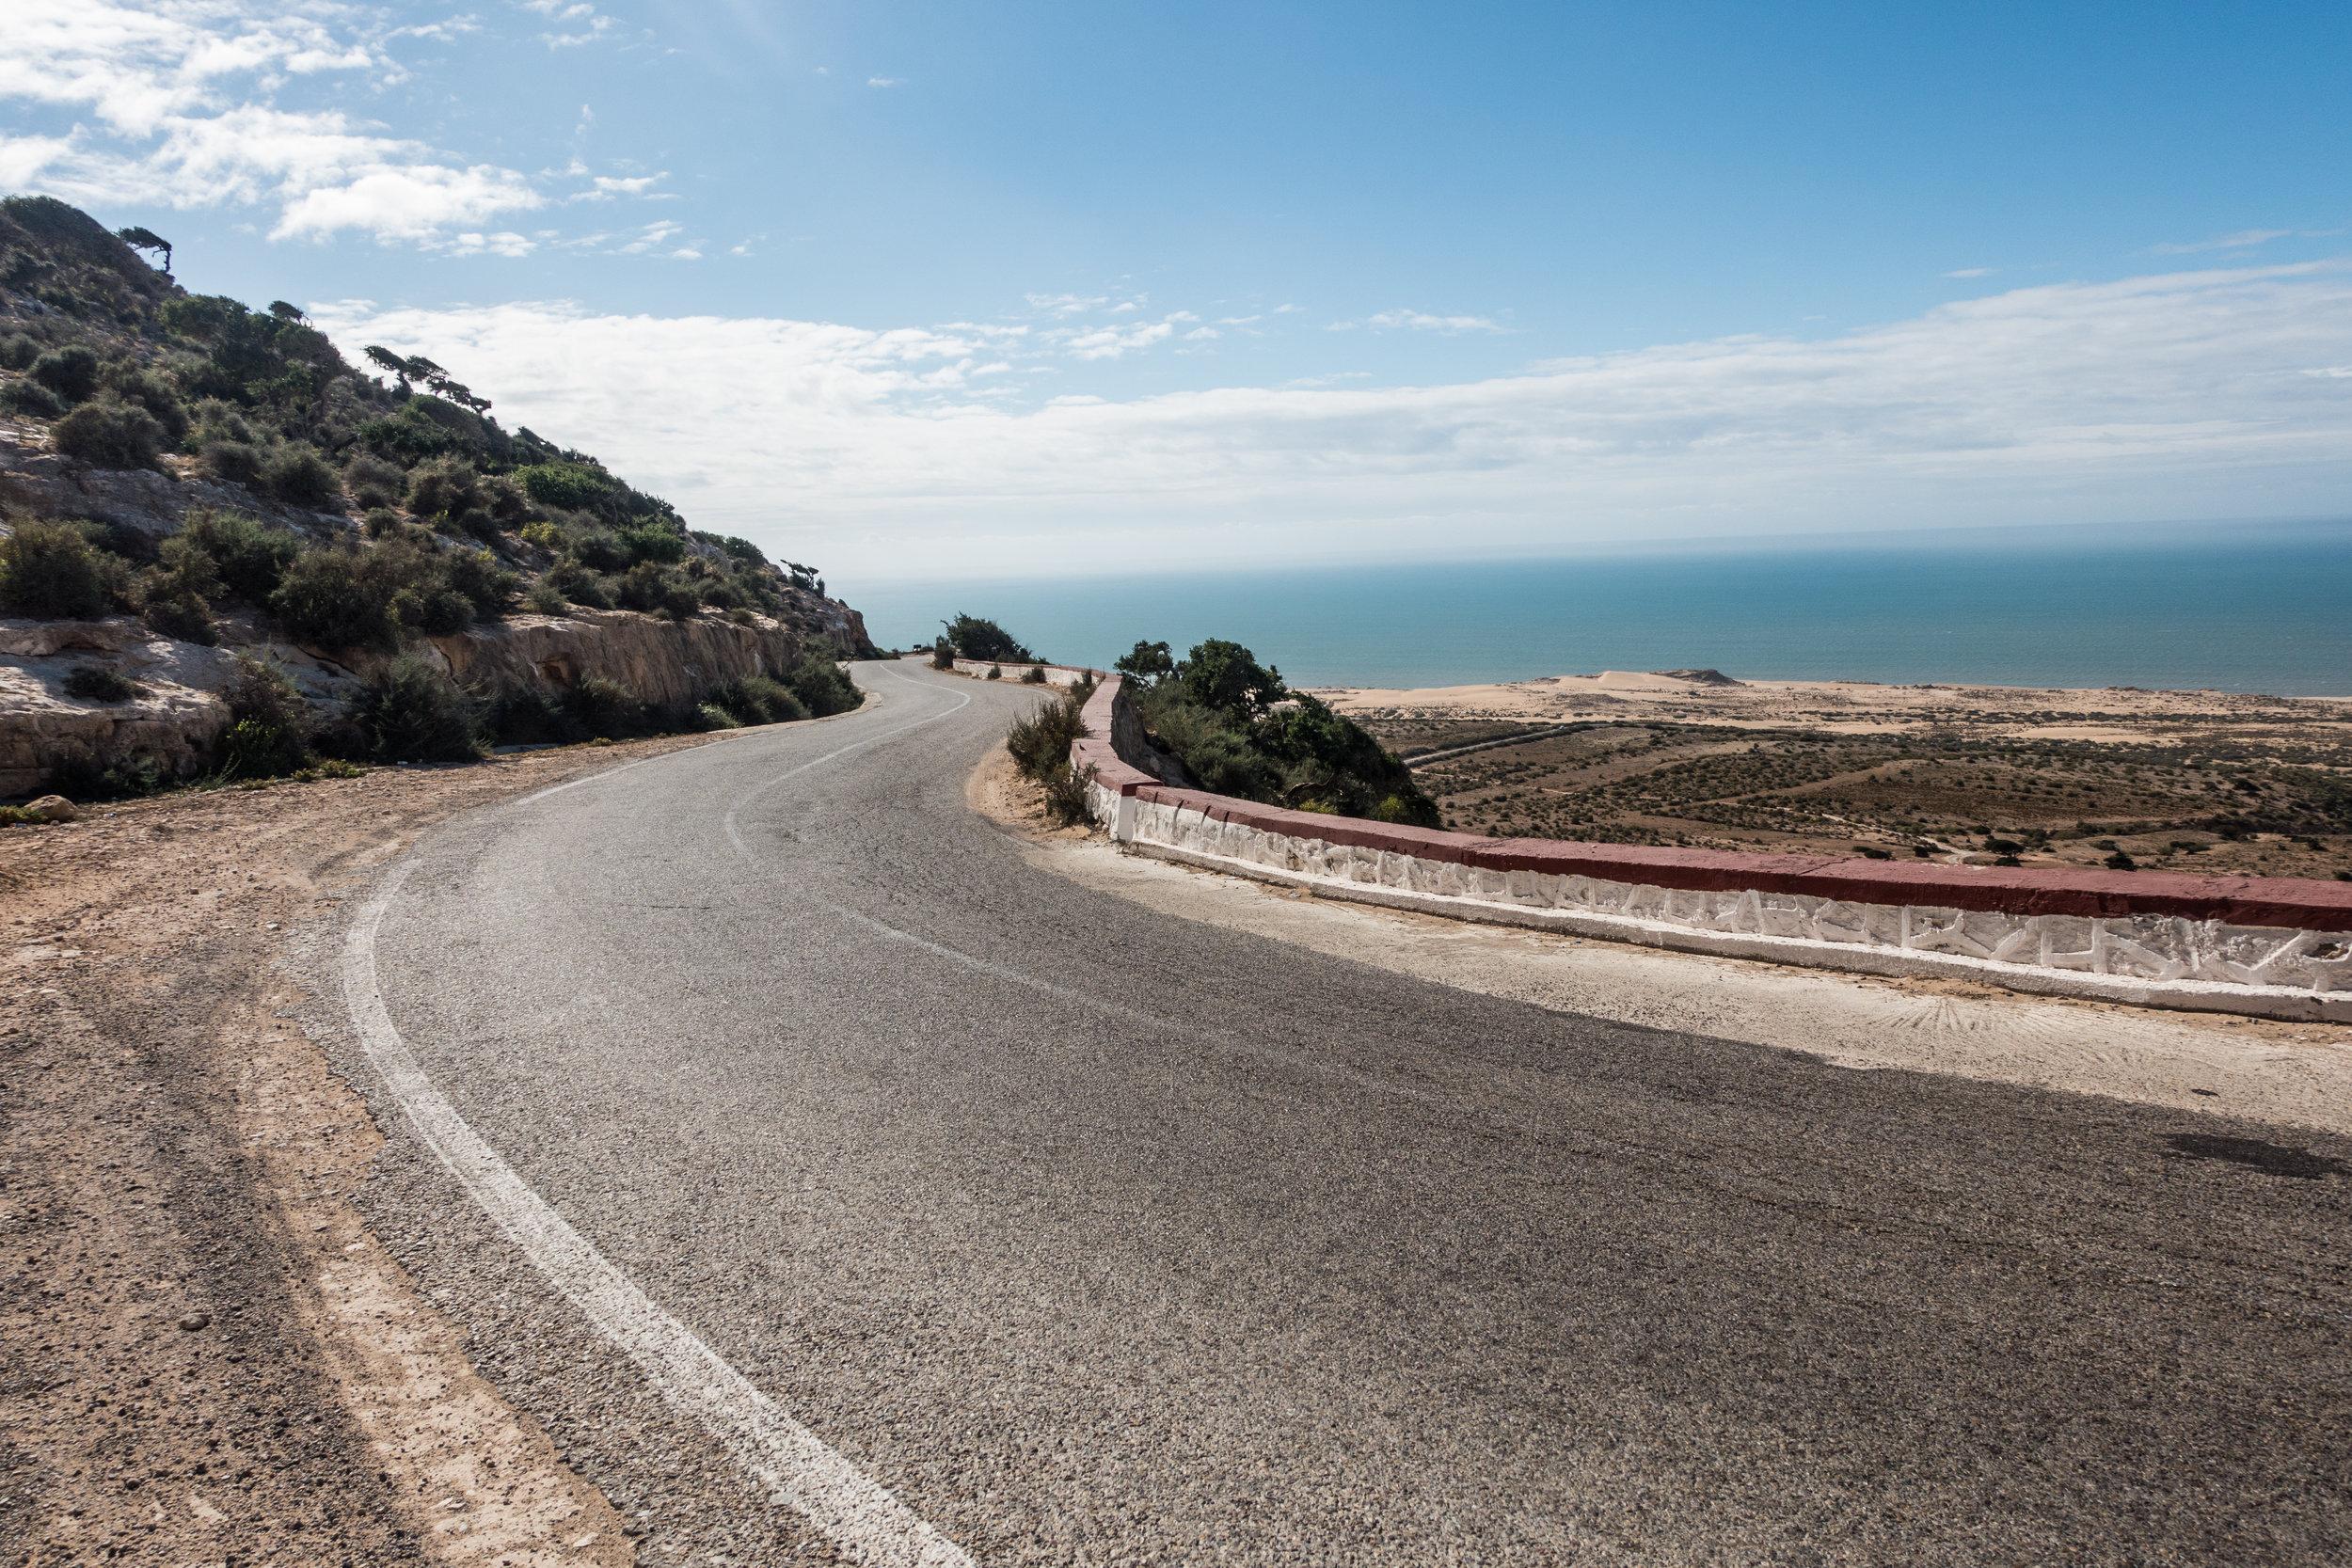 En route to Essaouria where the Atlas Mountains meet the Atlantic coast.